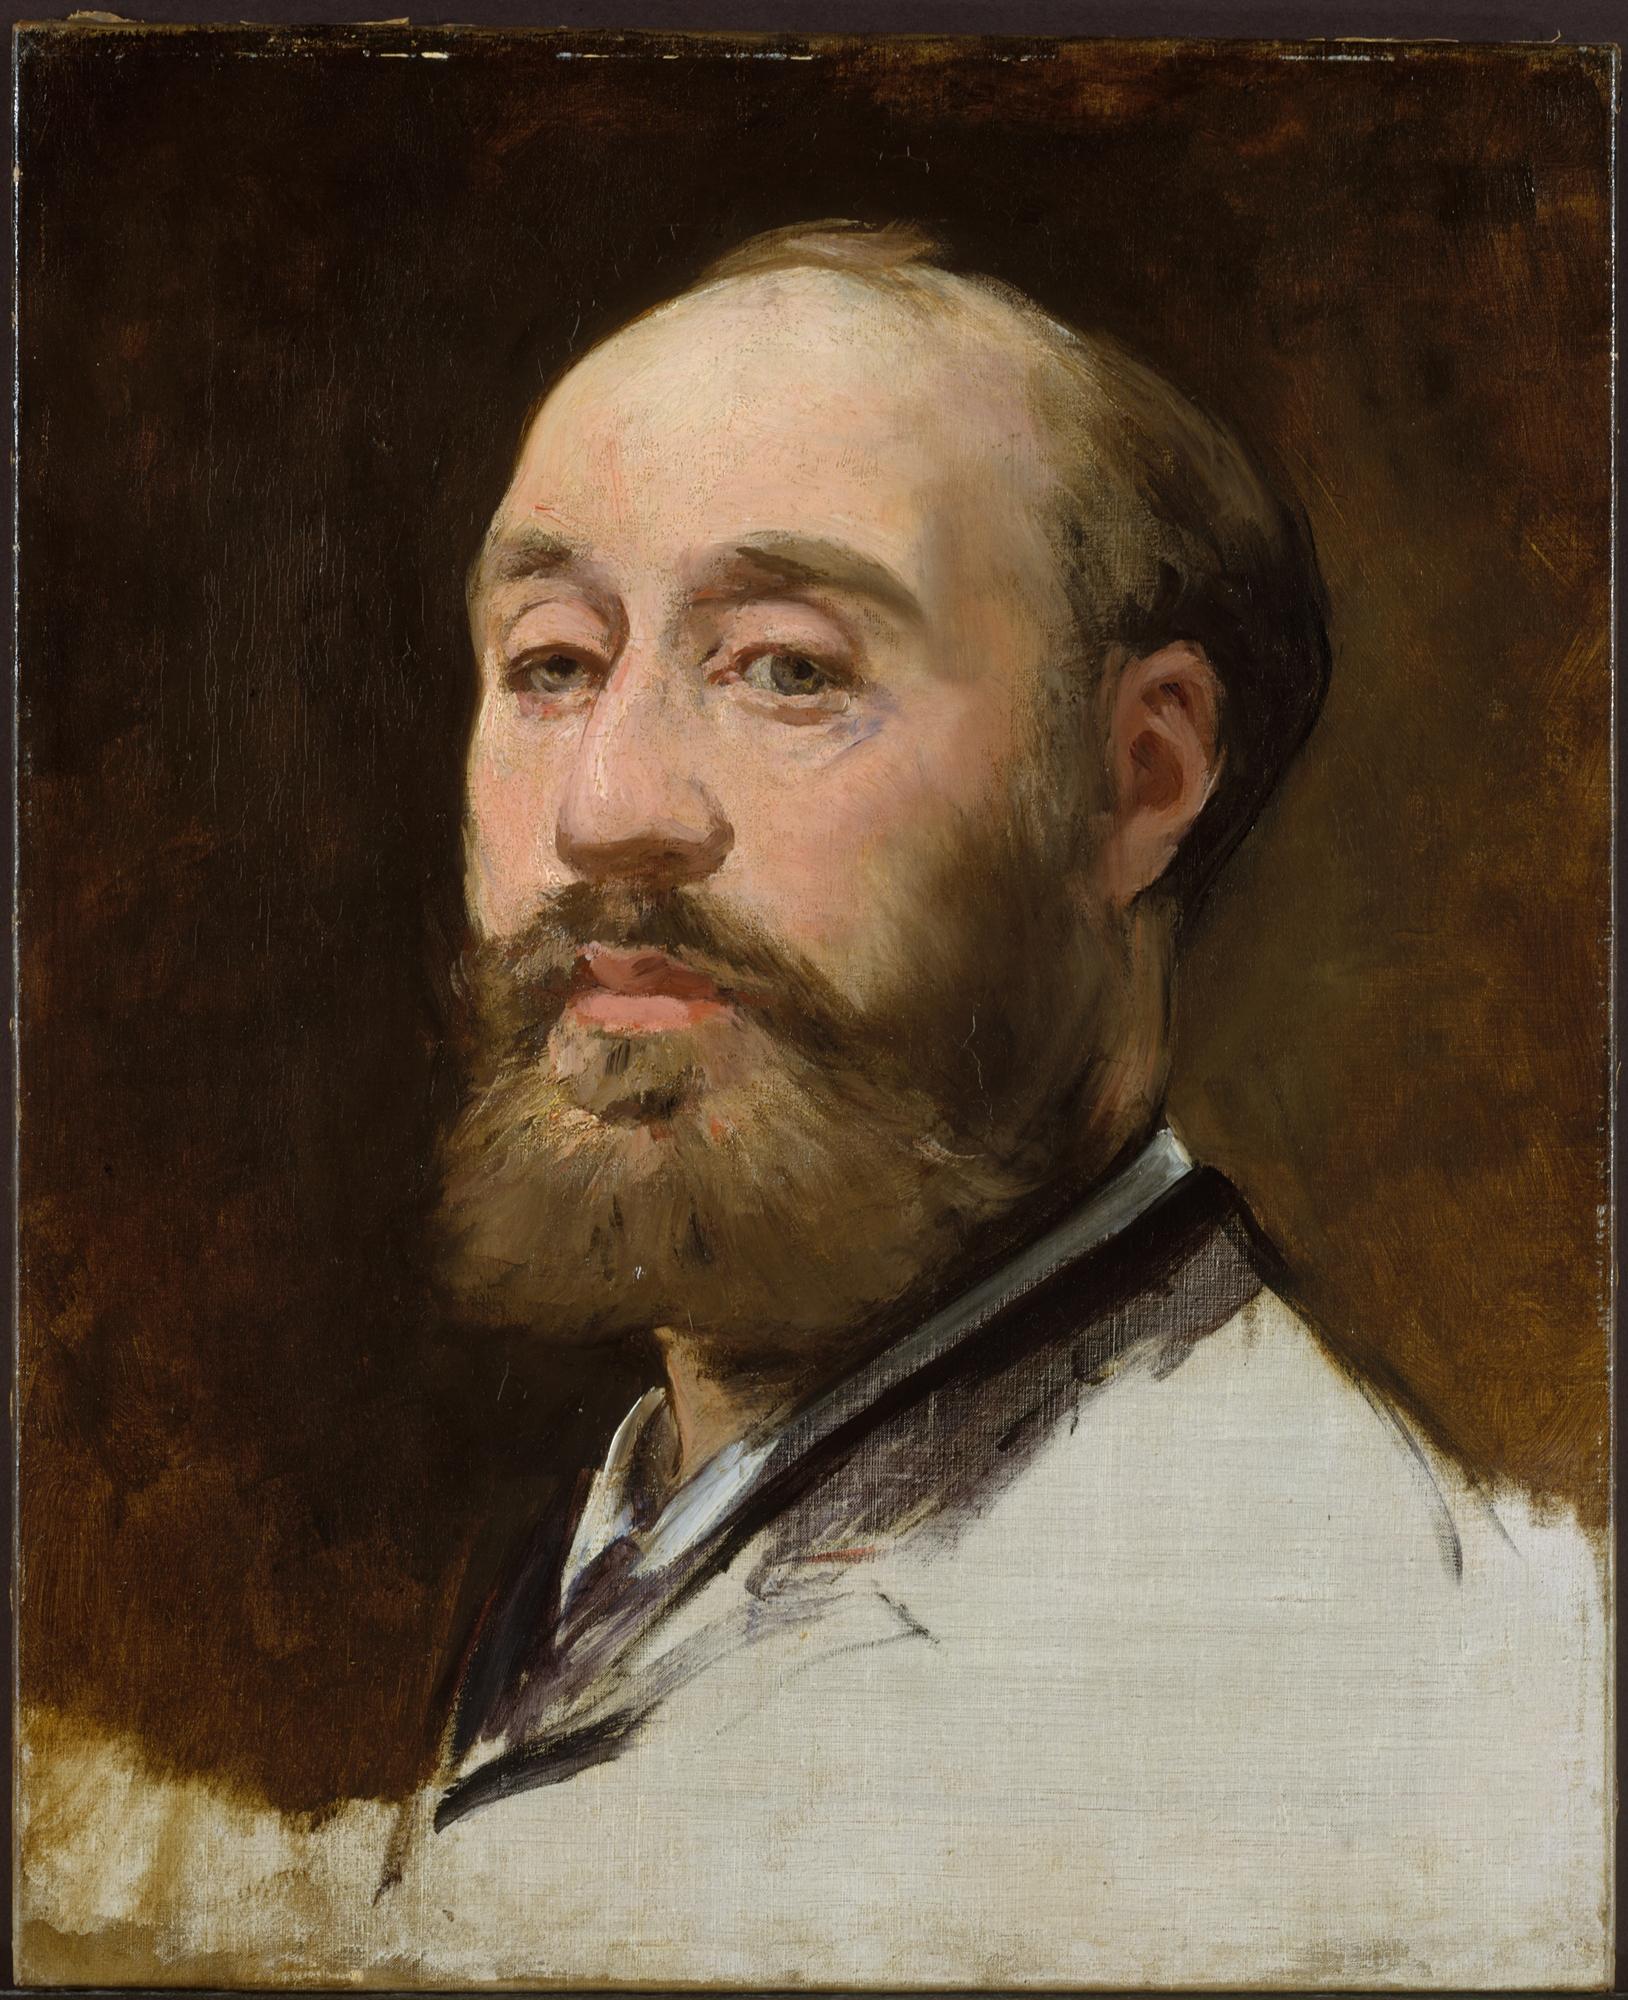 Edouard_Manet_Portrait_Faure